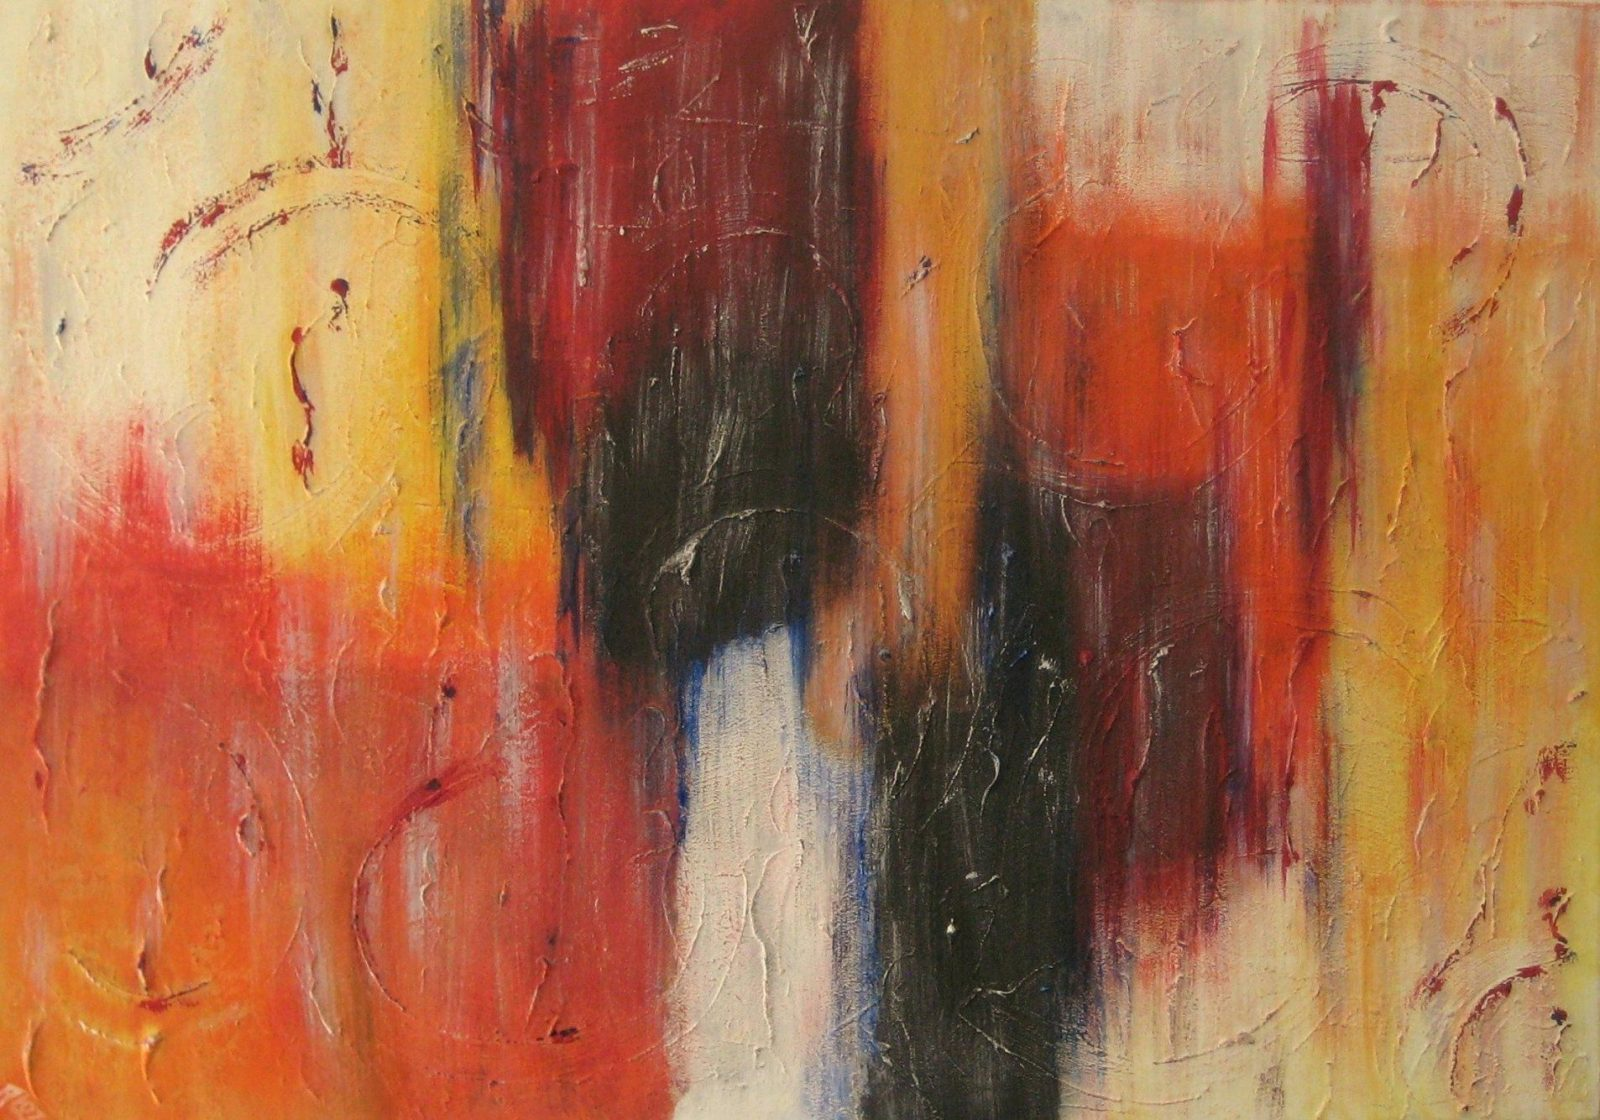 Abstrakte Bilder Malen Abstrakt 30 Selber Vorlagen Kunst Zum Auf von Abstrakte Acrylbilder Selber Malen Bild